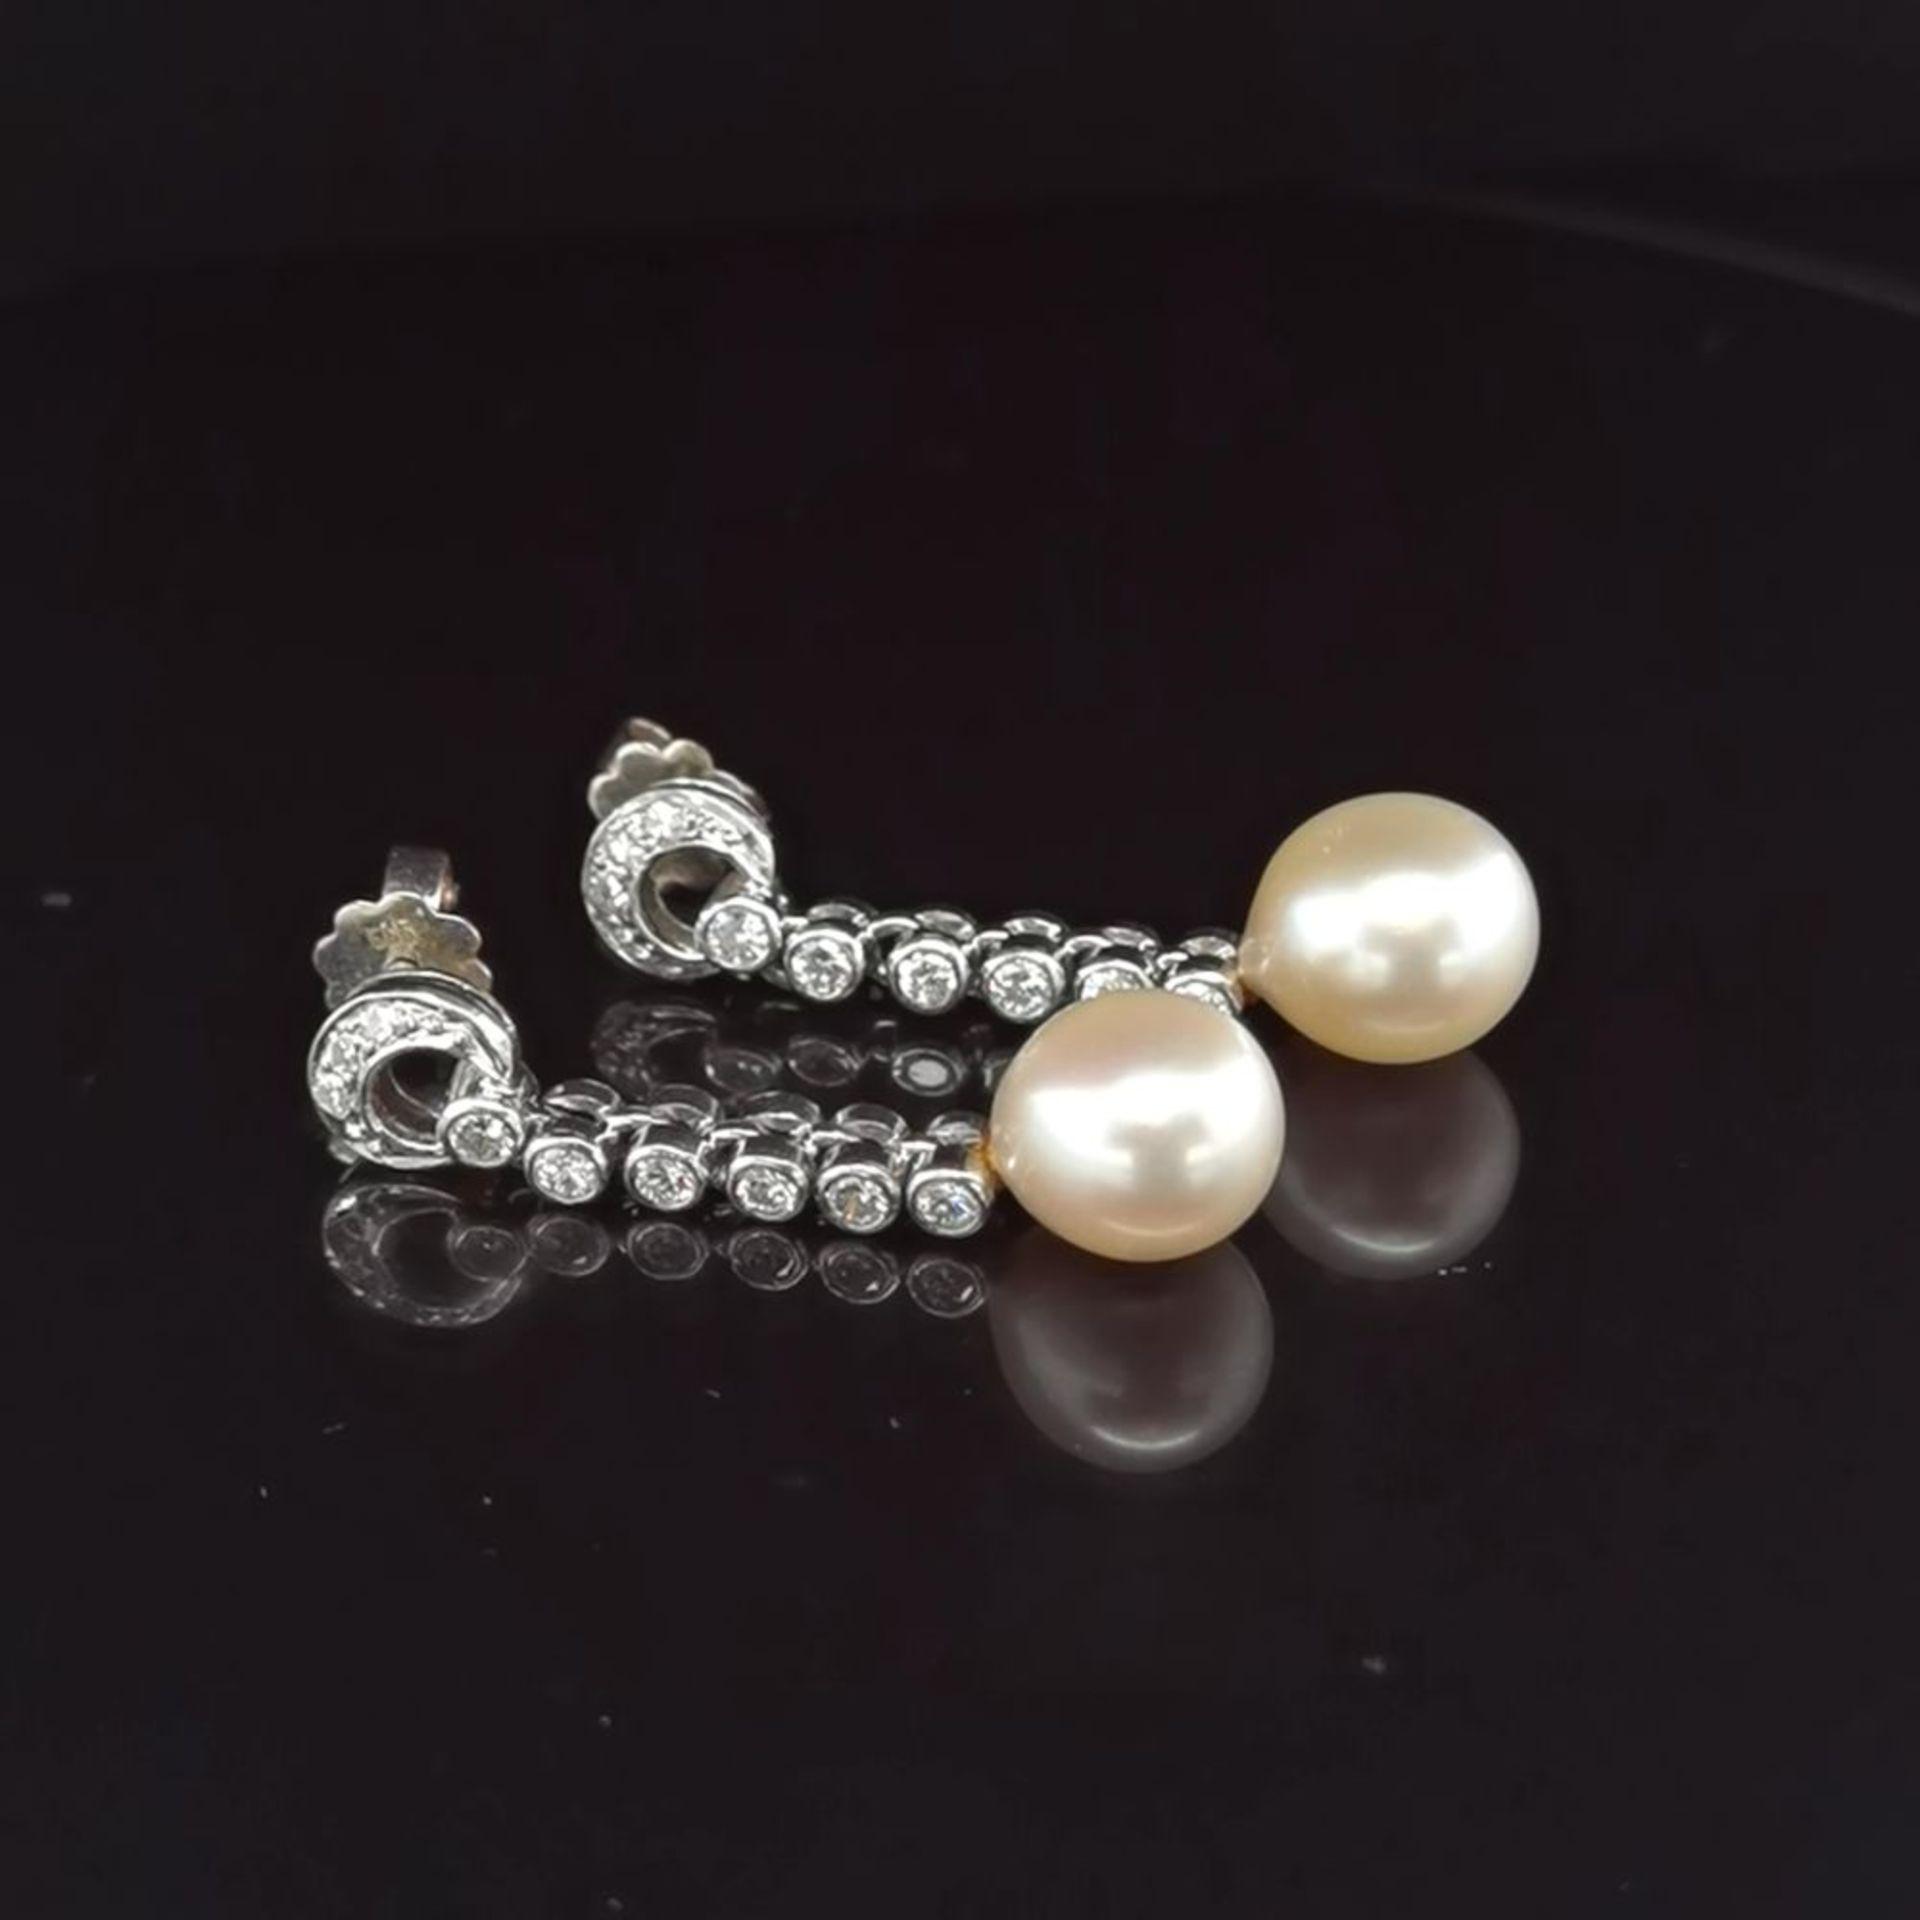 Perl-Brillant-Ohrhänger, 585 Weißgold